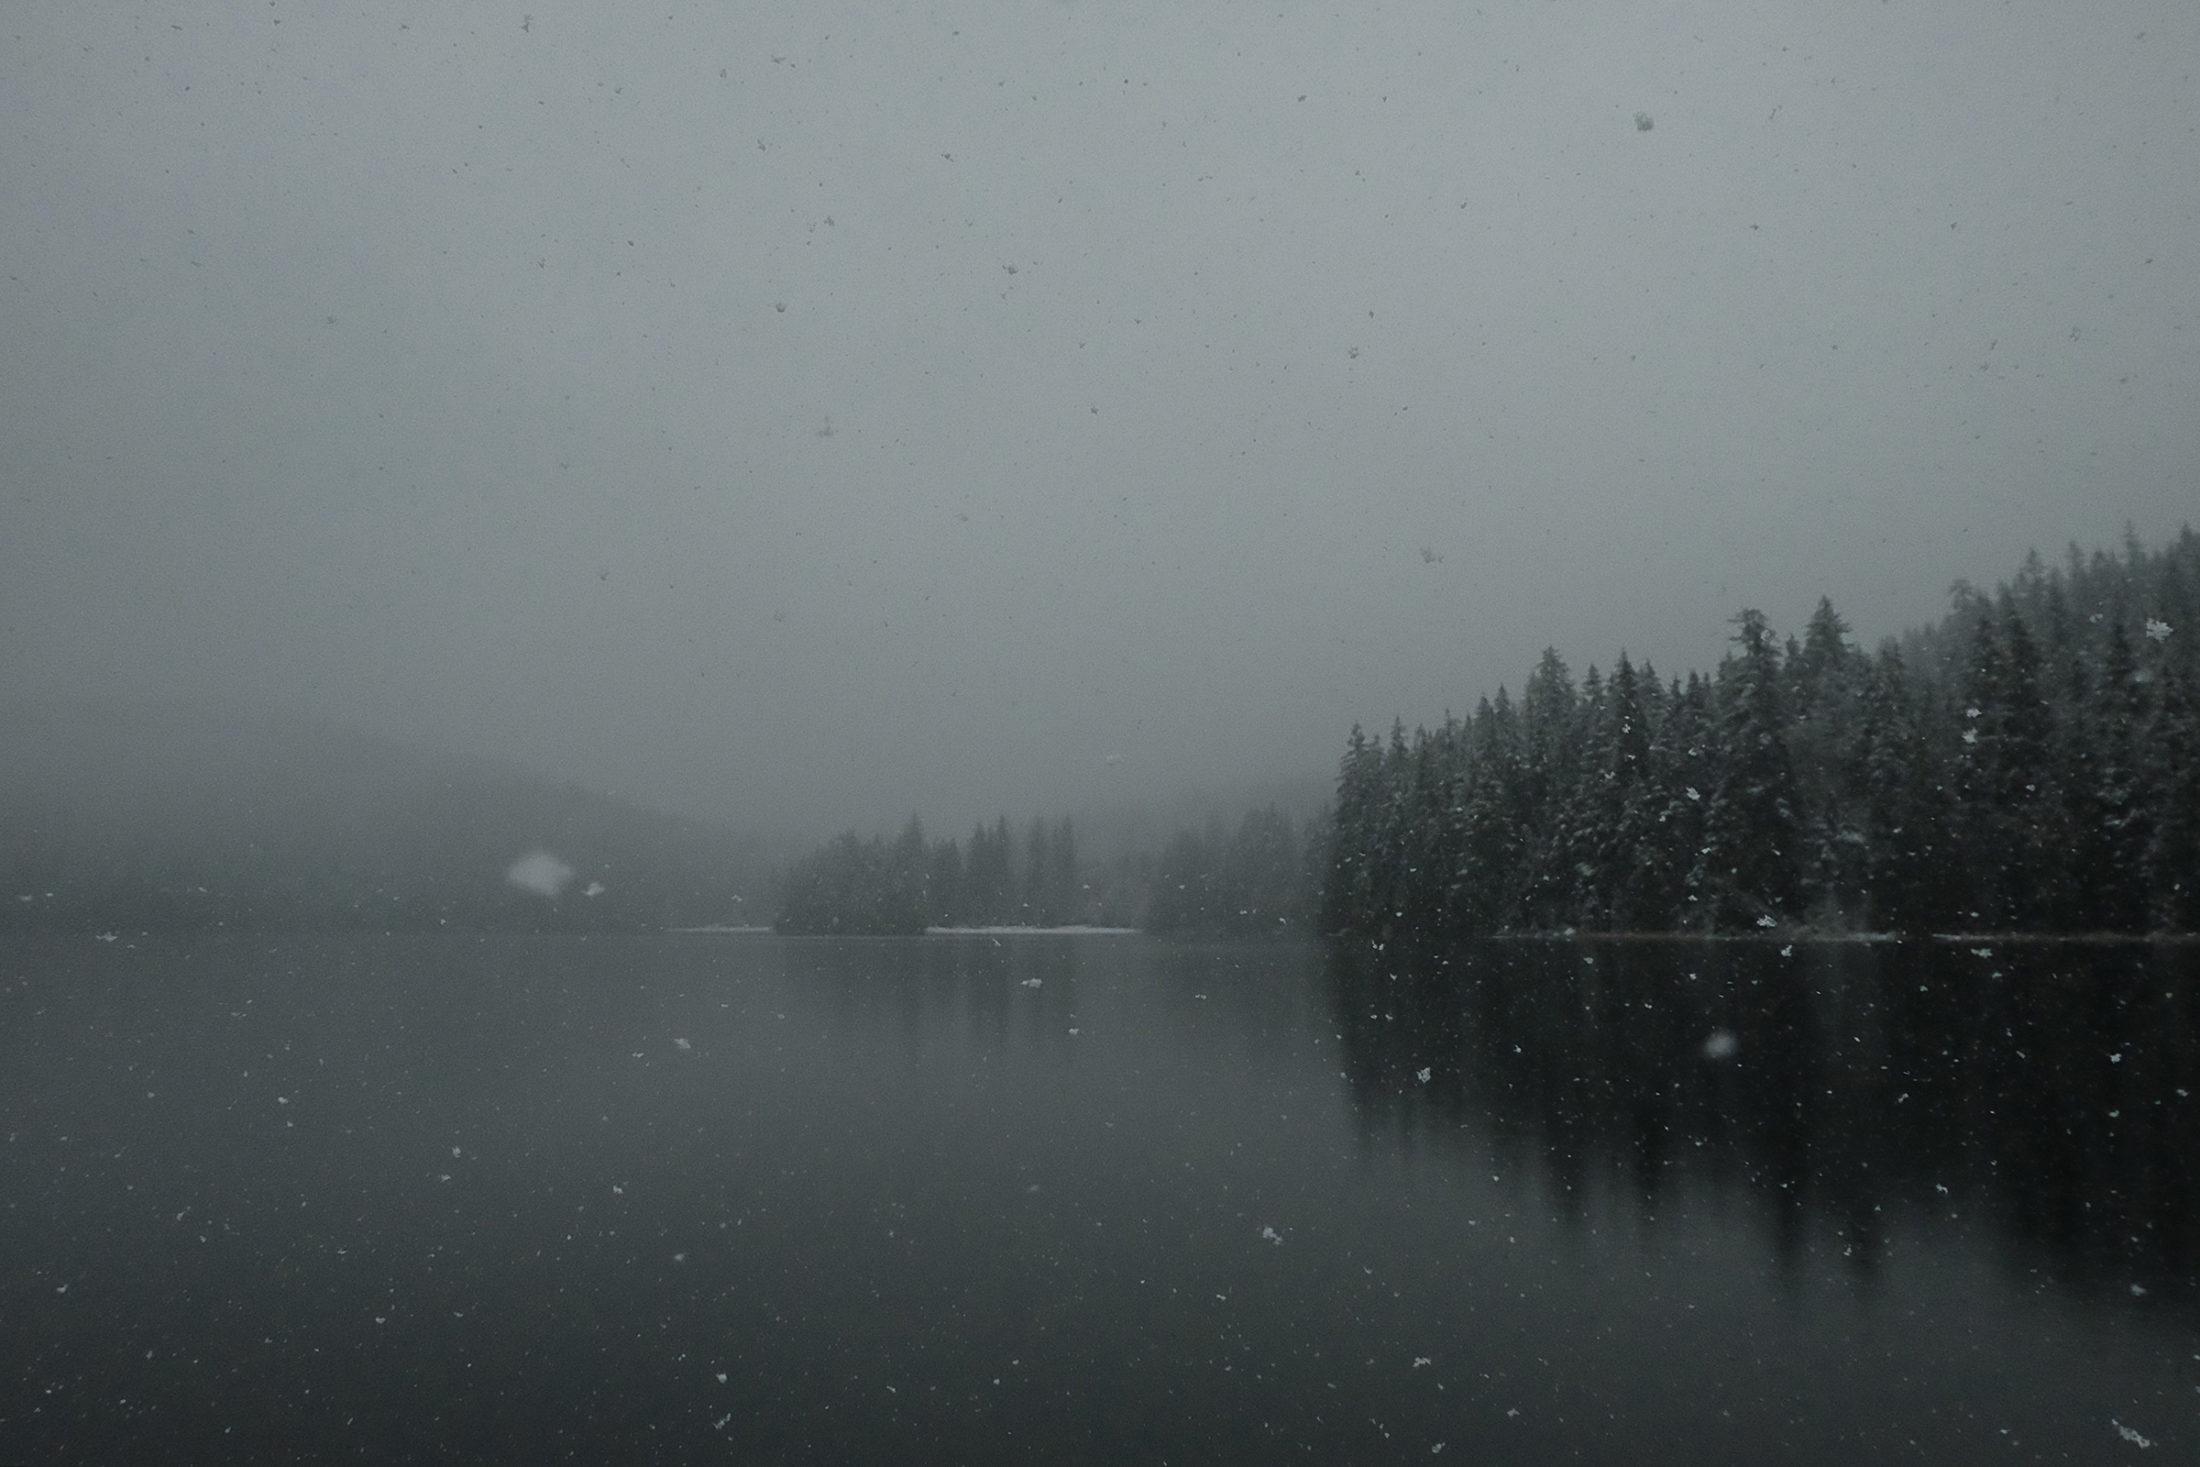 Sasamat Lake Winter Snowfall